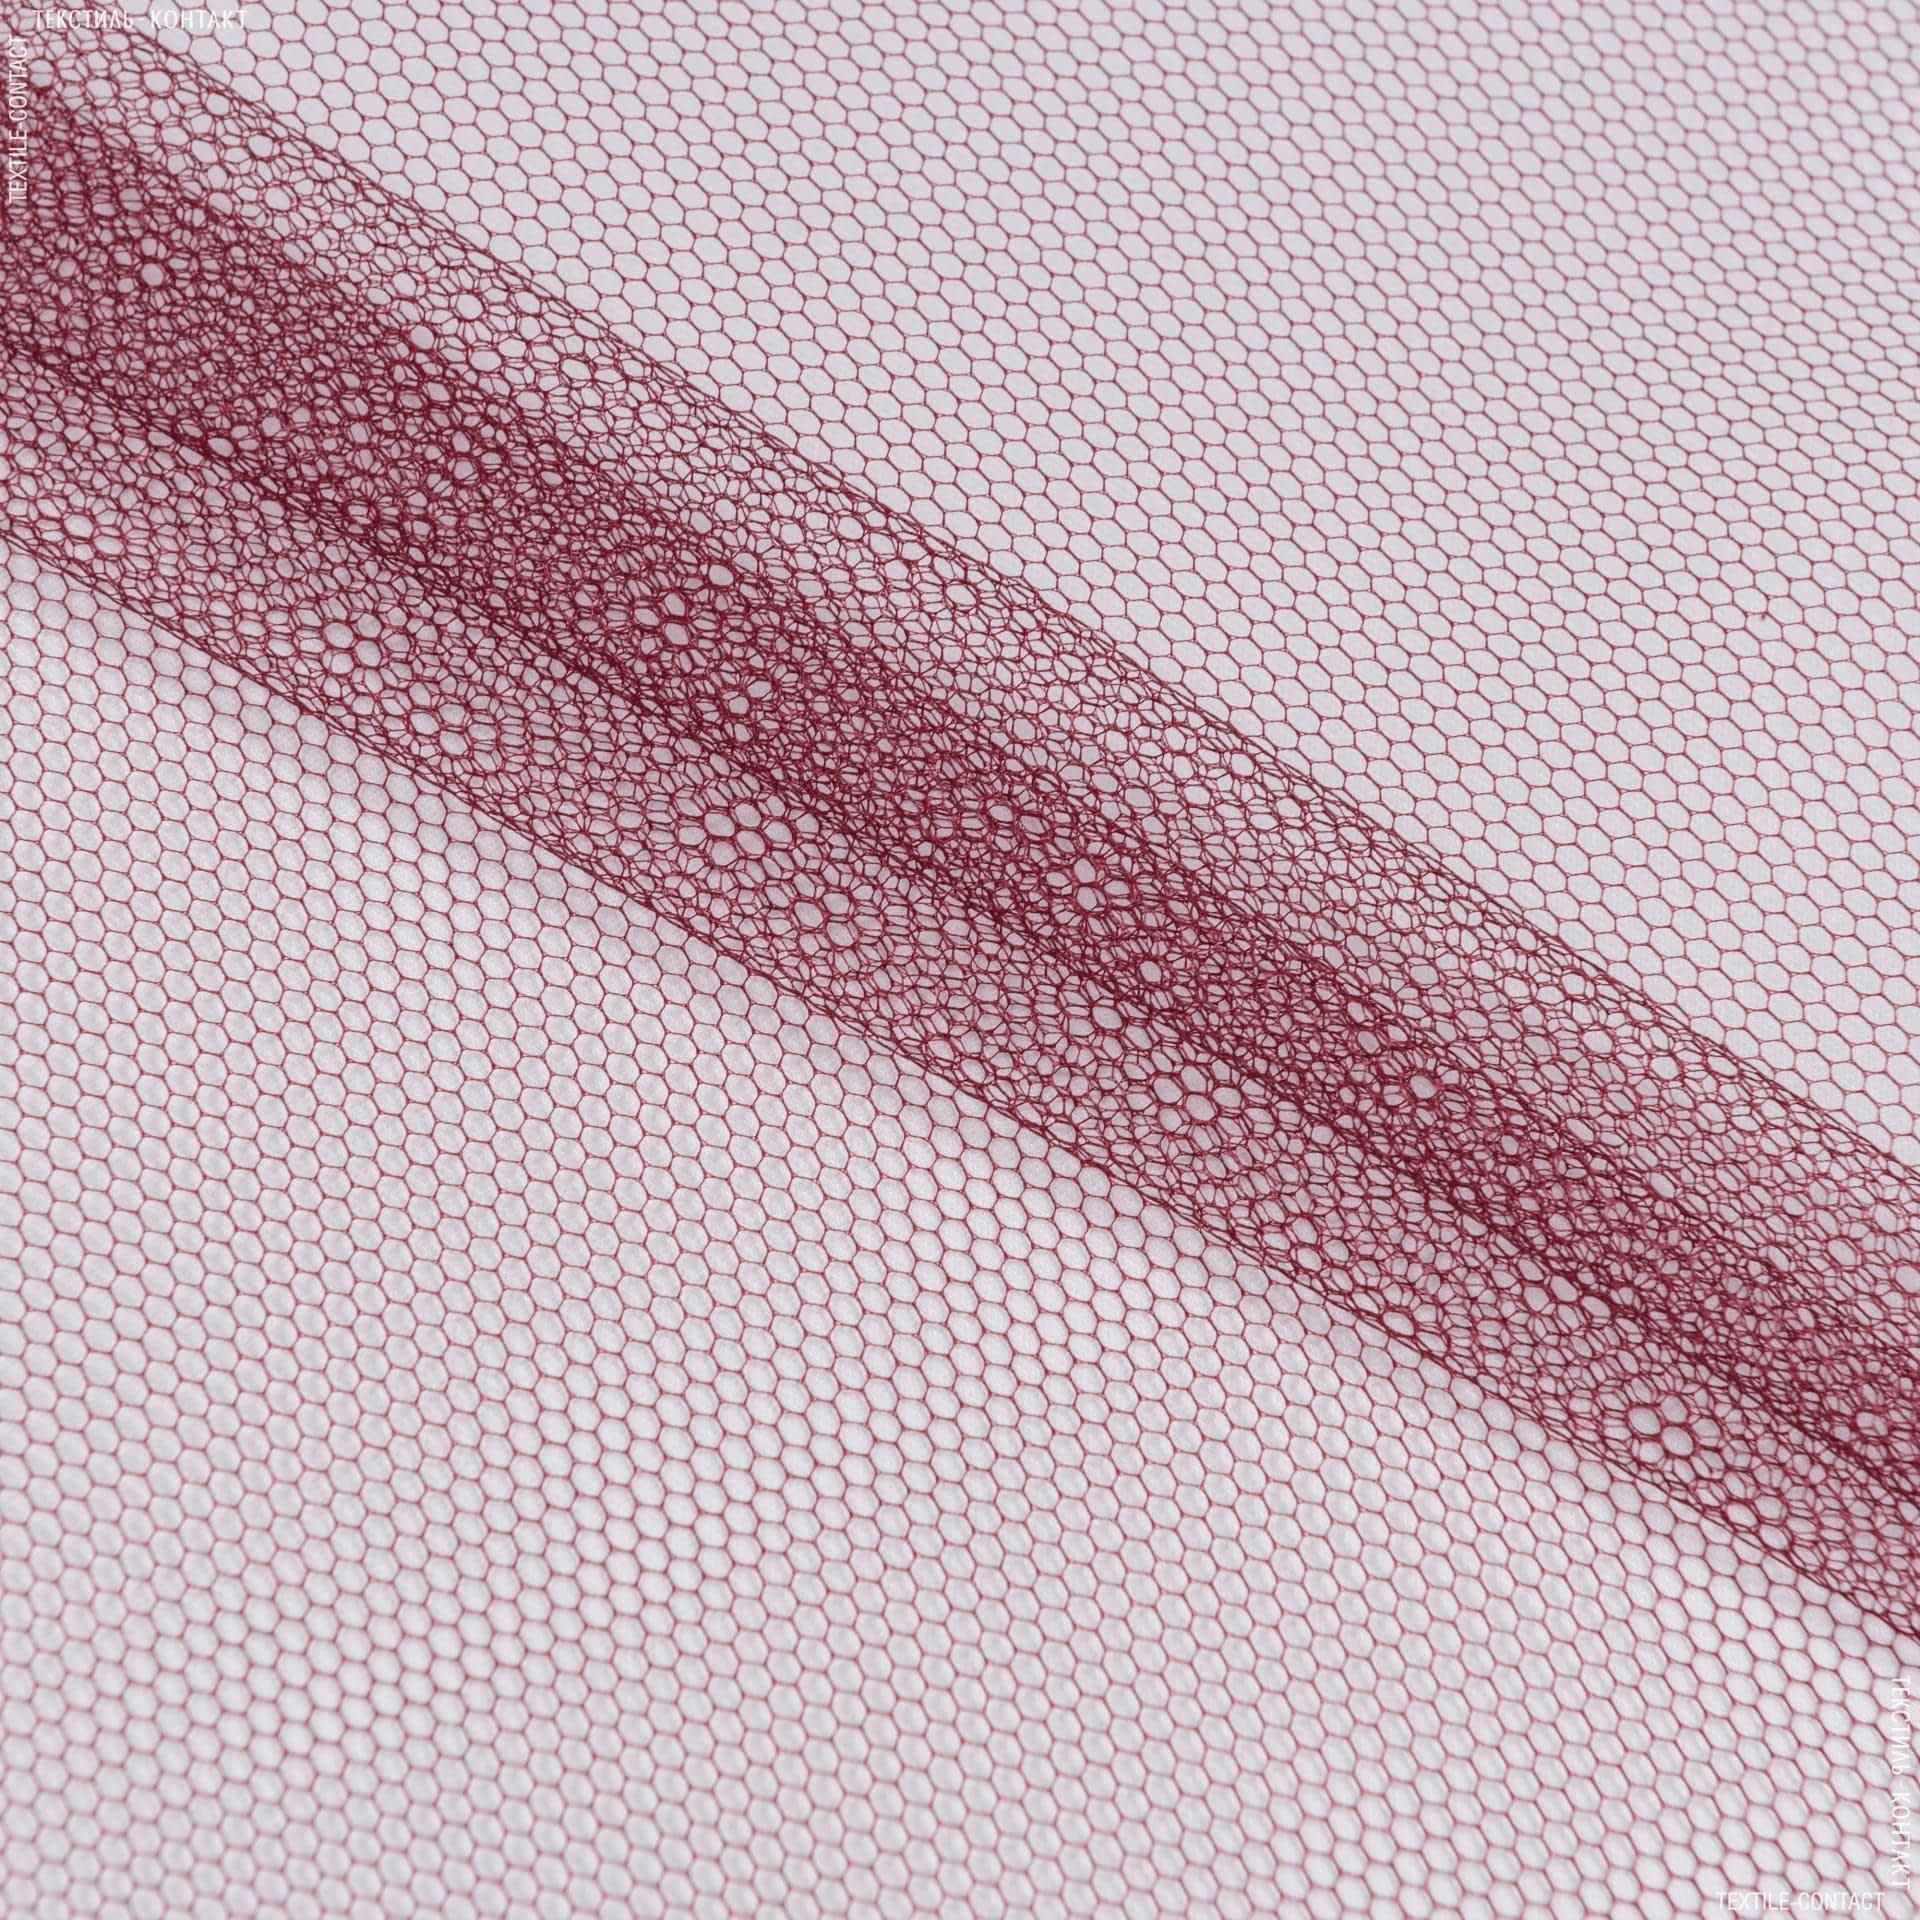 Ткани для блузок - Фатин жесткий винно-бордовый